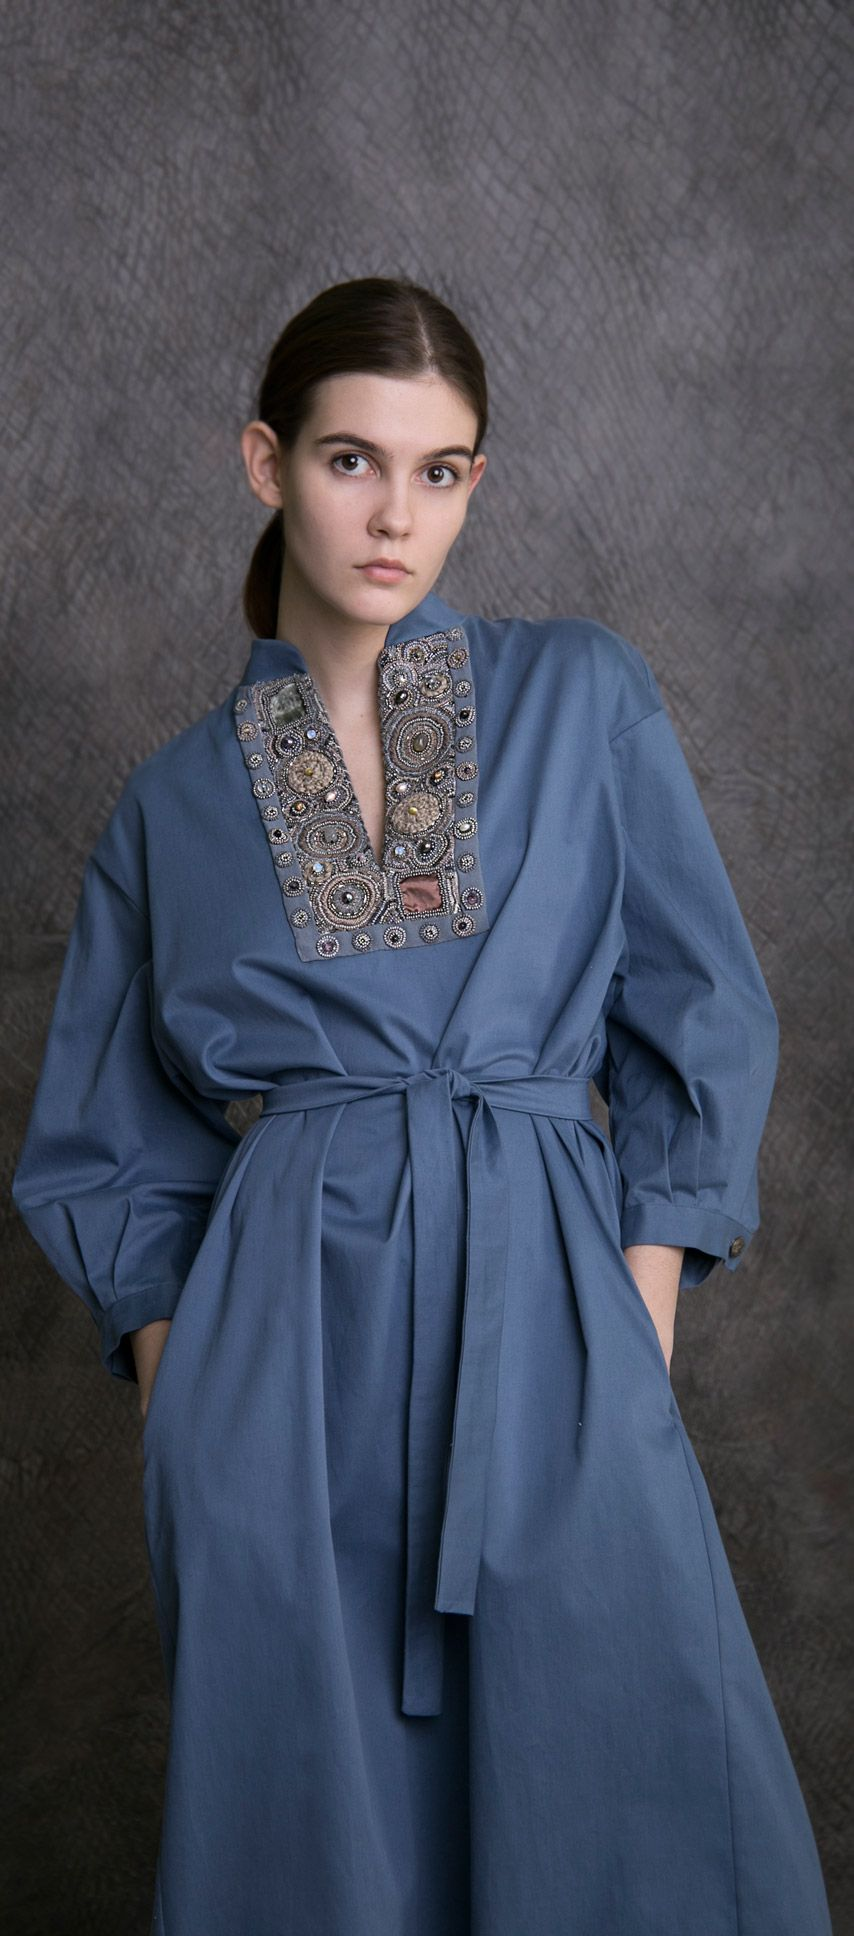 Платье классическое levadnaja details Белошвейка pinterest